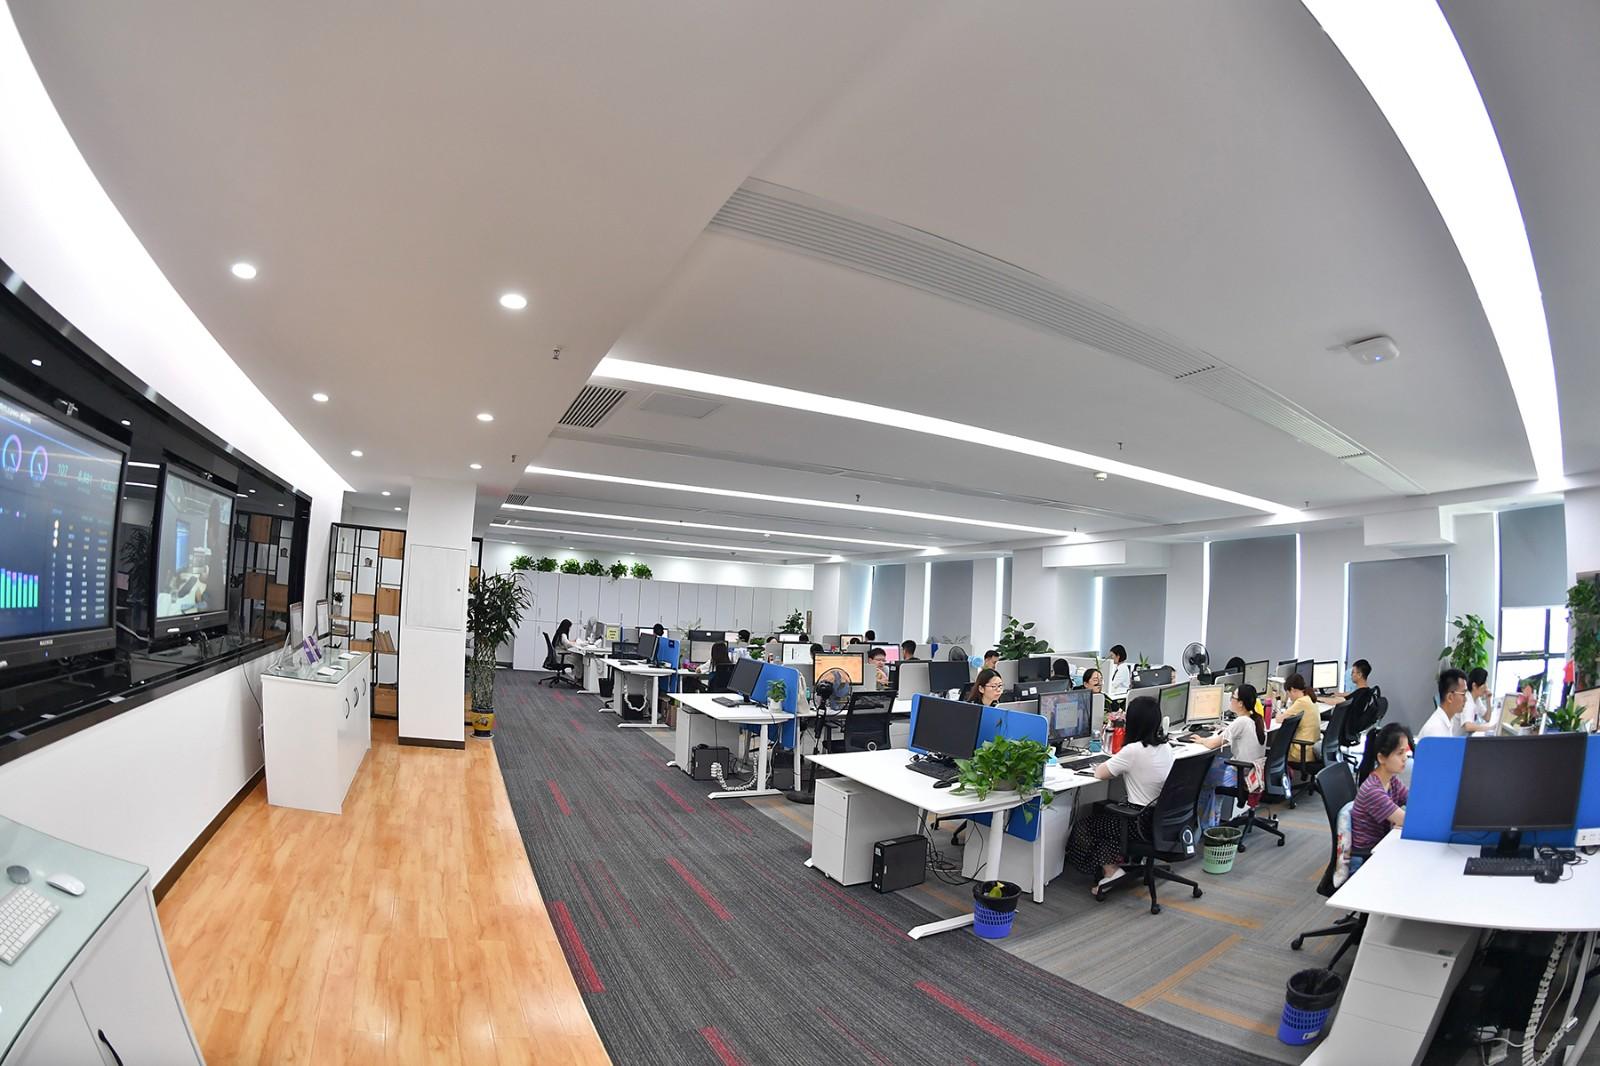 眼下,长沙软件行业企业达到9千家,软件业营收超600亿元,有望崛起为长沙下一个千亿产业。图为金蝶软件。 长沙晚报全媒体记者 王志伟 摄